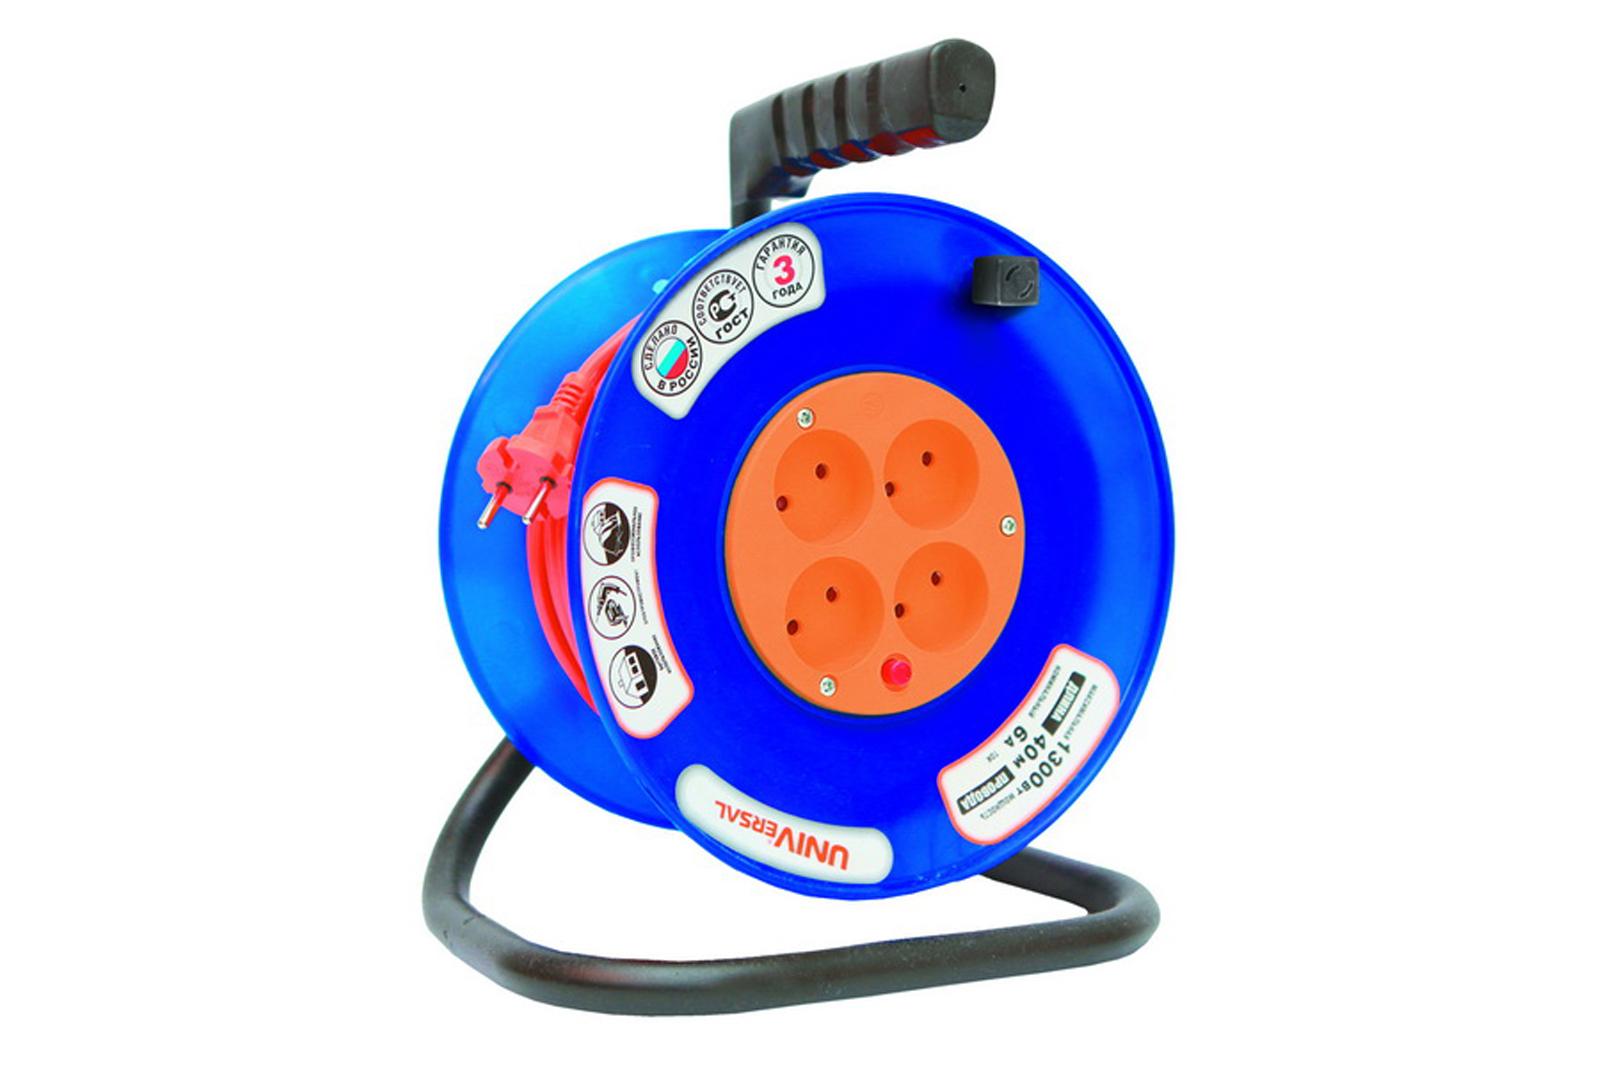 Удлинитель Universal ВЕМ-250 термо ПВС 2*1 4гнезда 40м силовой удлинитель universal вем 250 термо пвс 3 0 75 20м 9634151